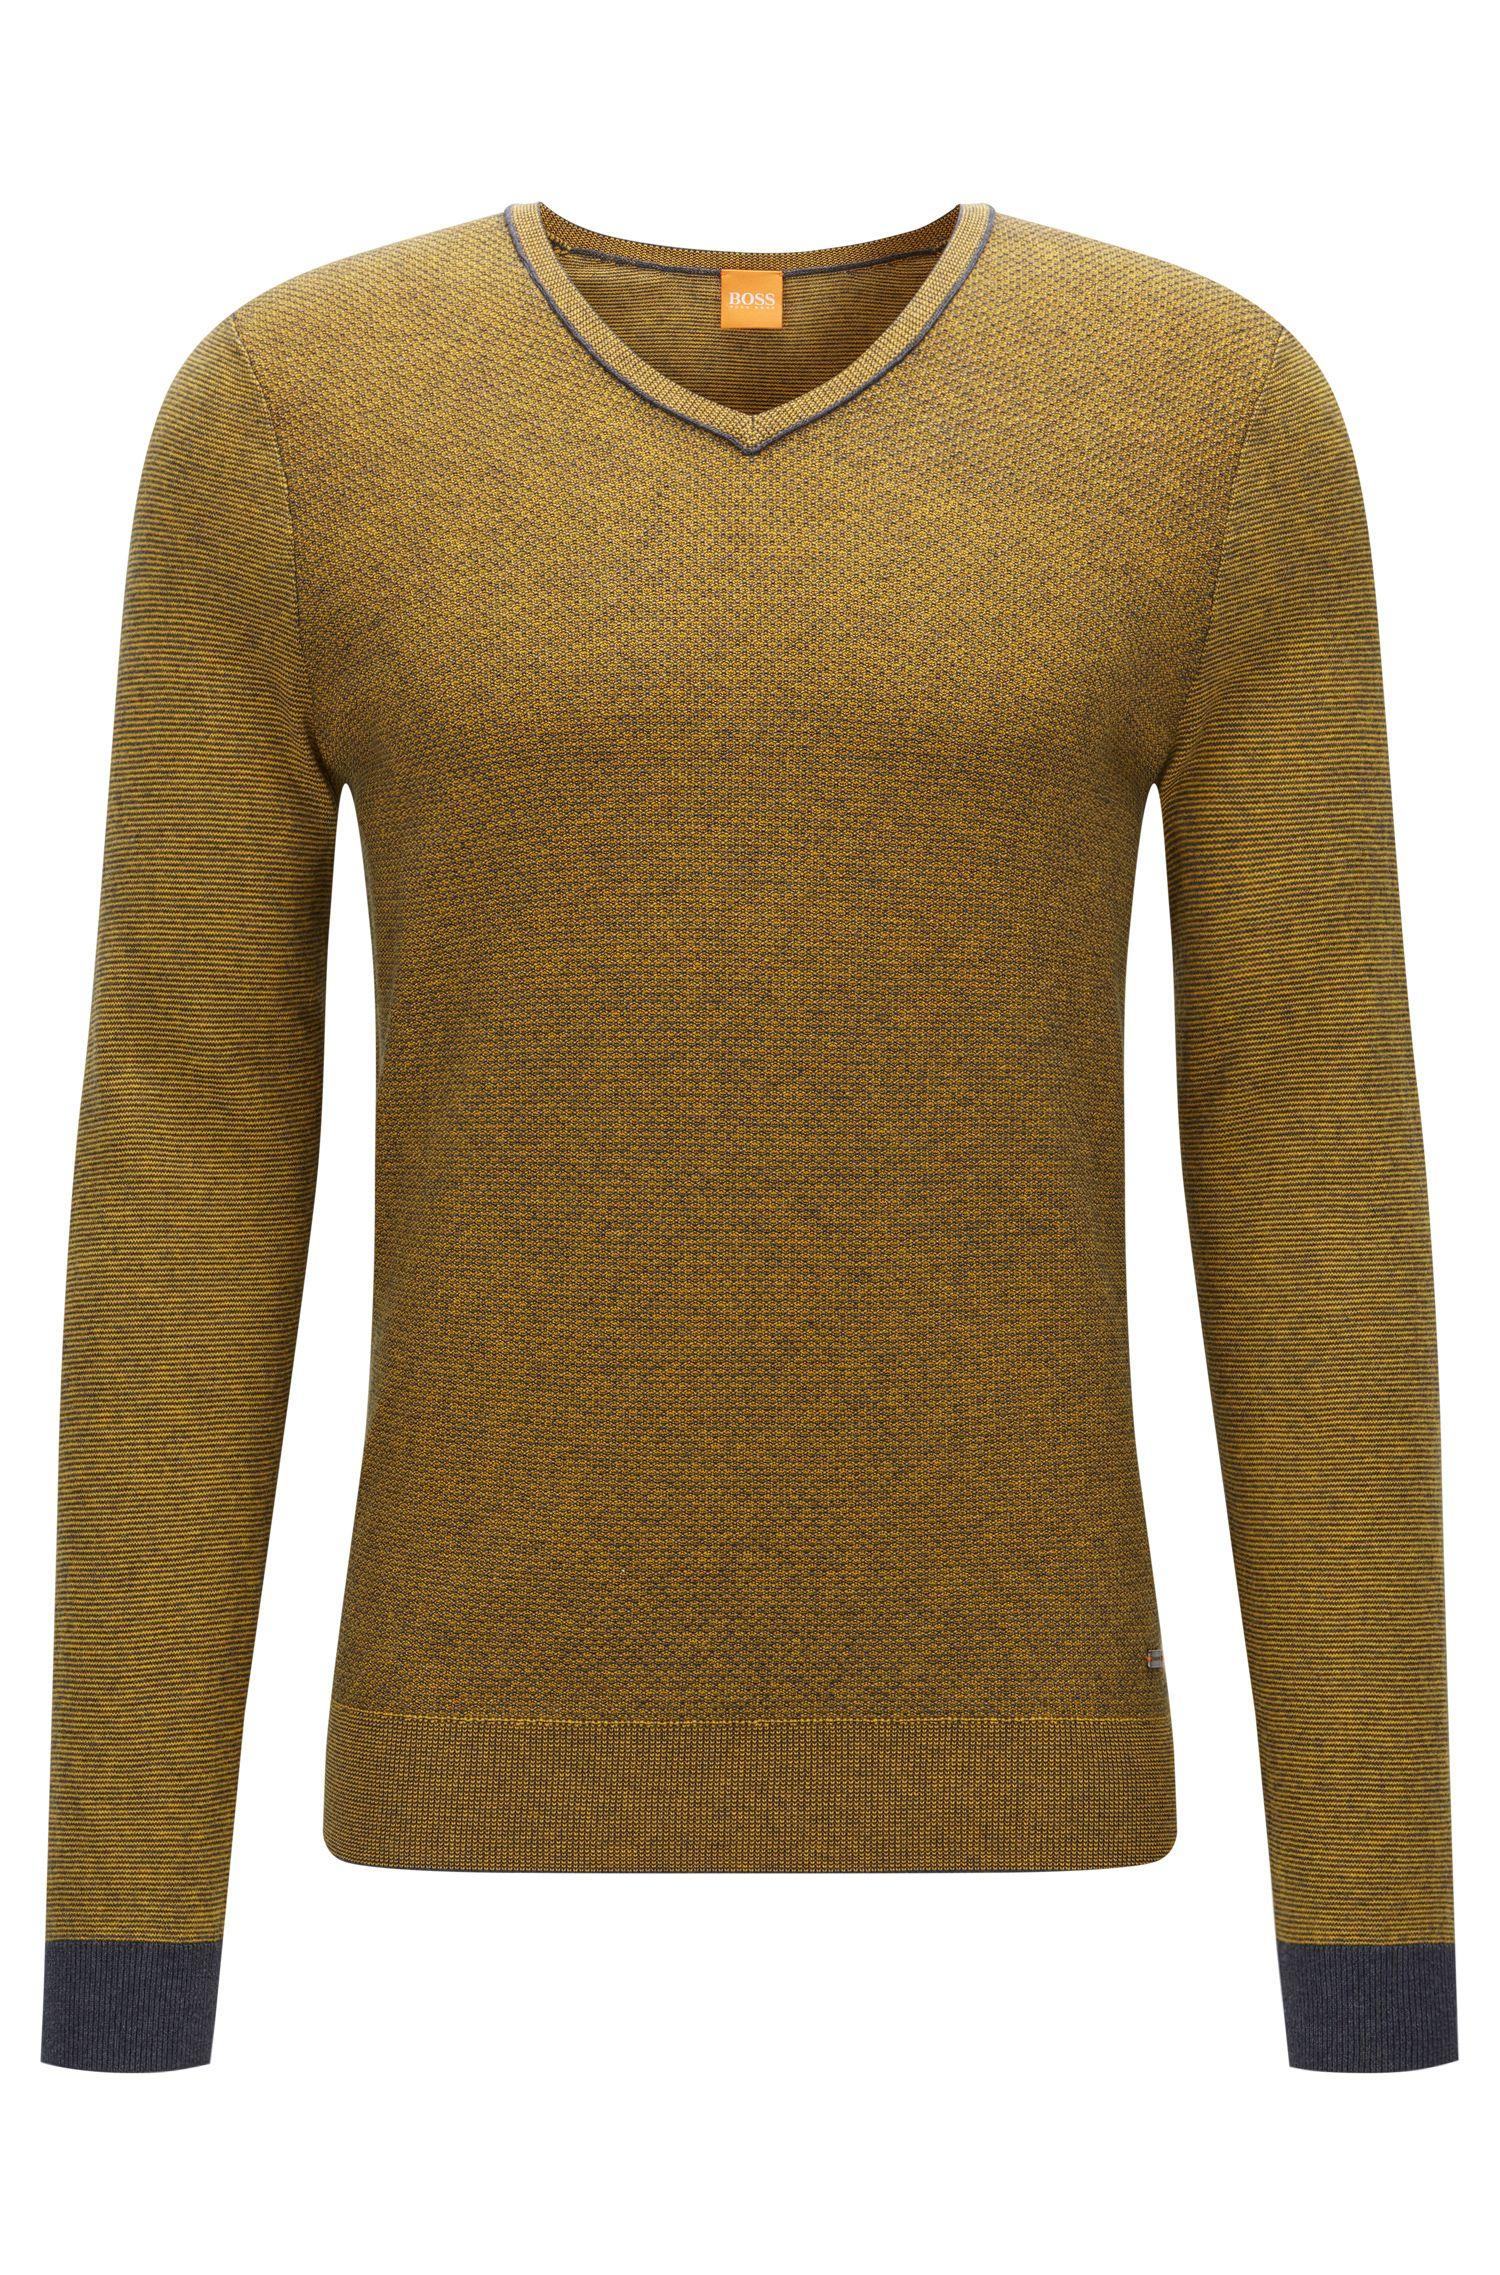 Regular-Fit Pullover mit V-Ausschnitt aus zweifarbigem Baumwoll-Mix mit Schurwolle